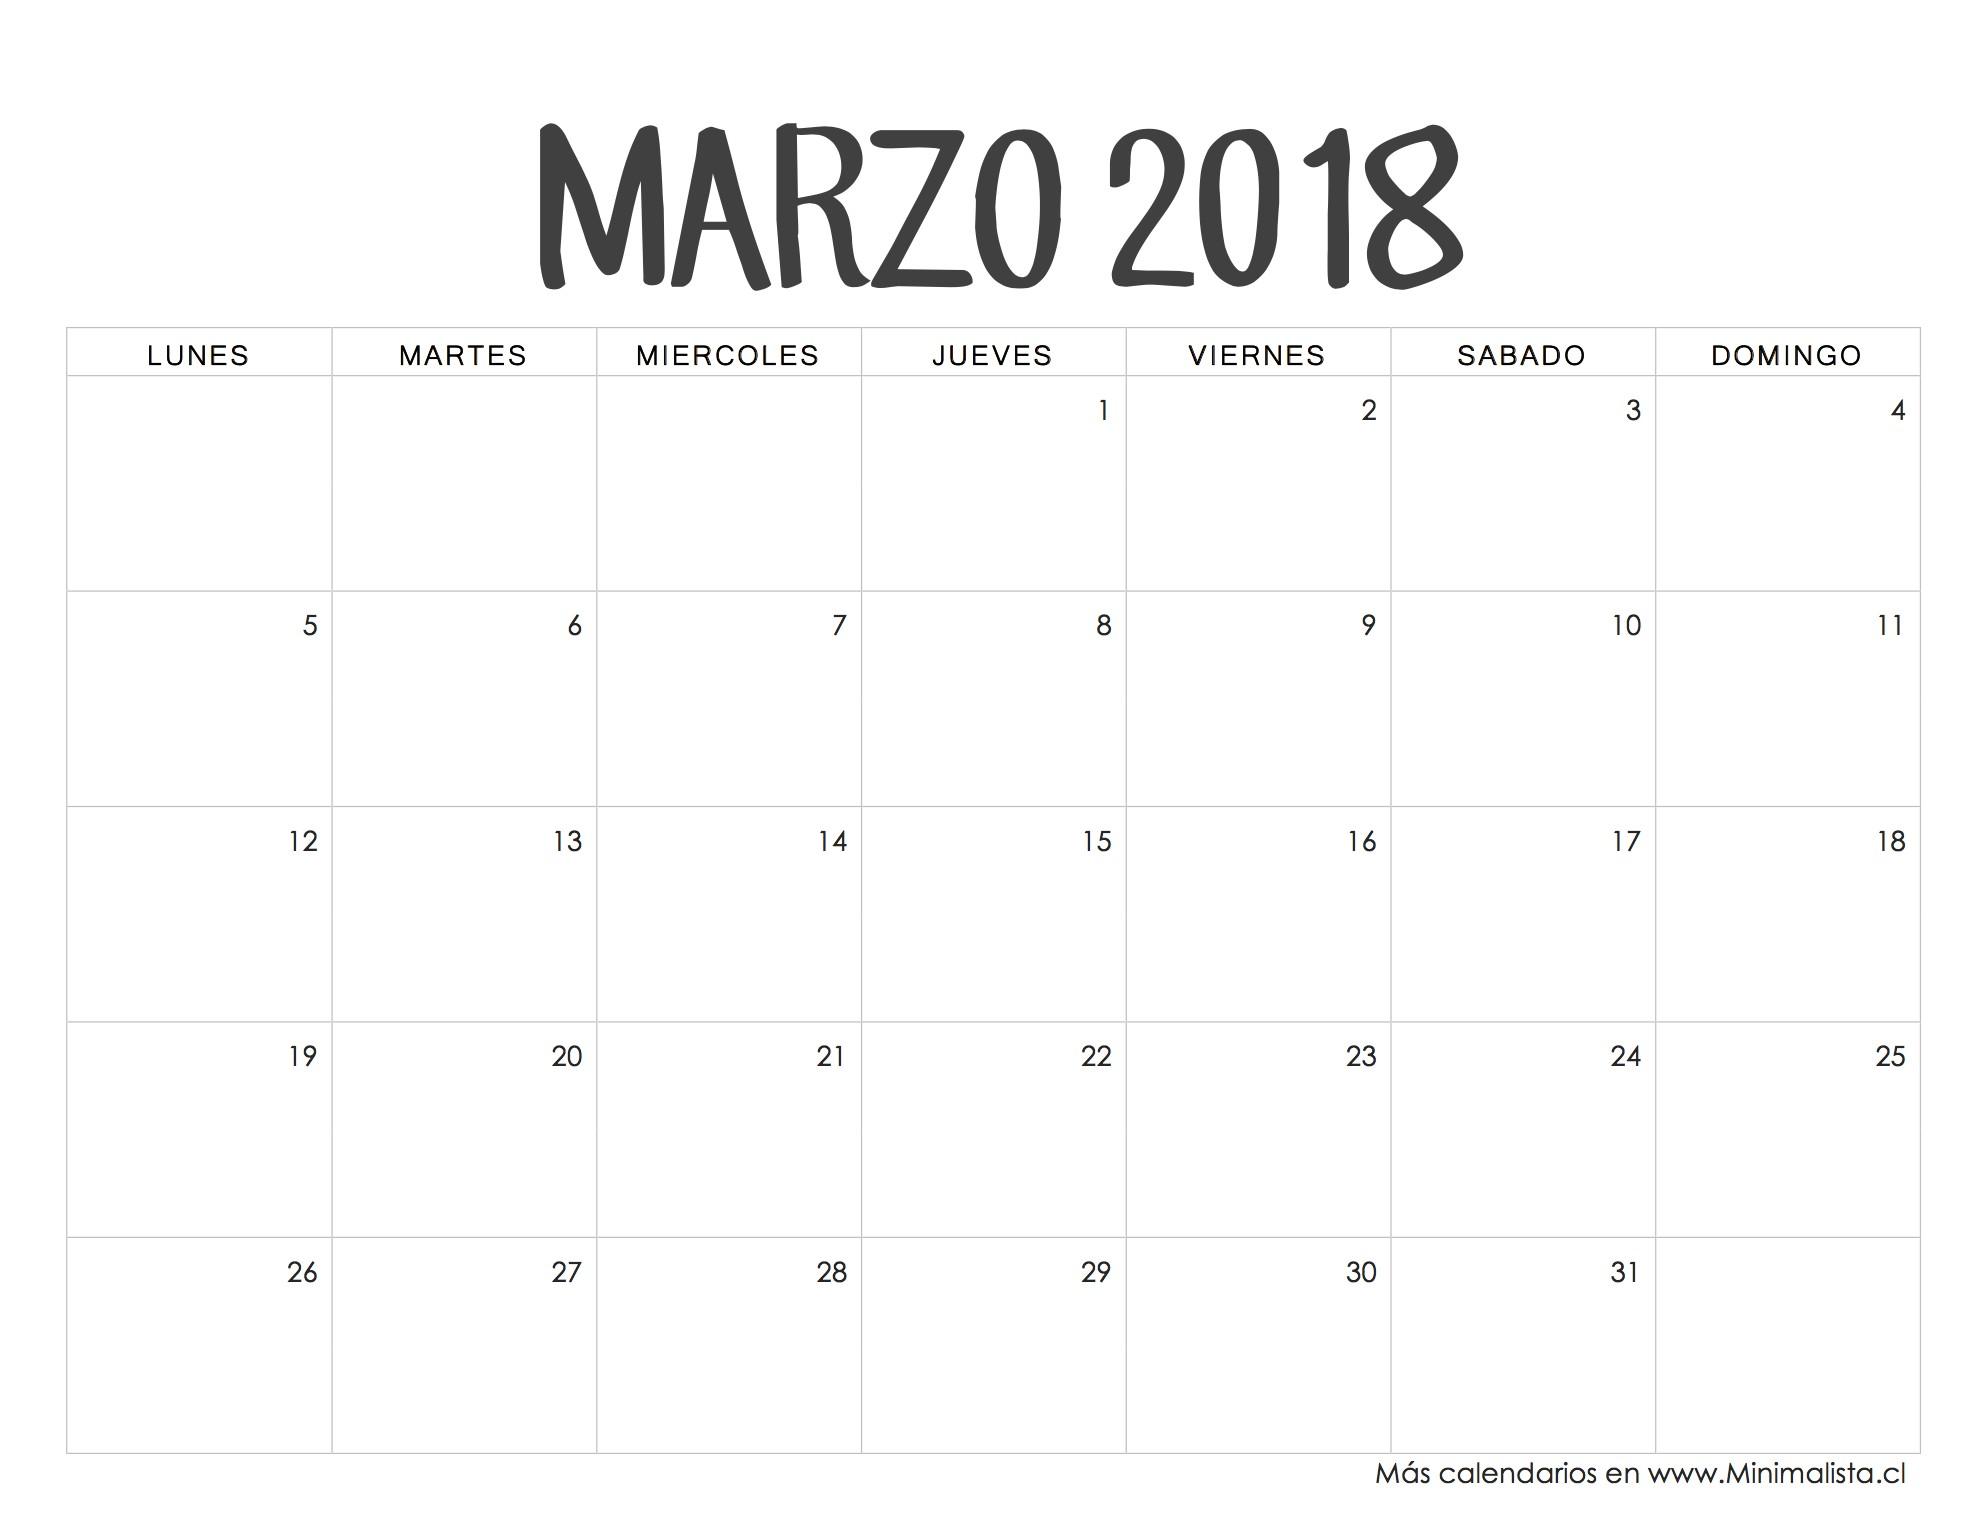 Calendario 2019 Con Dias Festivos Peru Actual Calendario Marzo 2018 Fondos De Pantalla Pinterest Of Calendario 2019 Con Dias Festivos Peru Más Recientes Calendario De Reportes Trimestrales En La Bolsa Mexicana De Valores